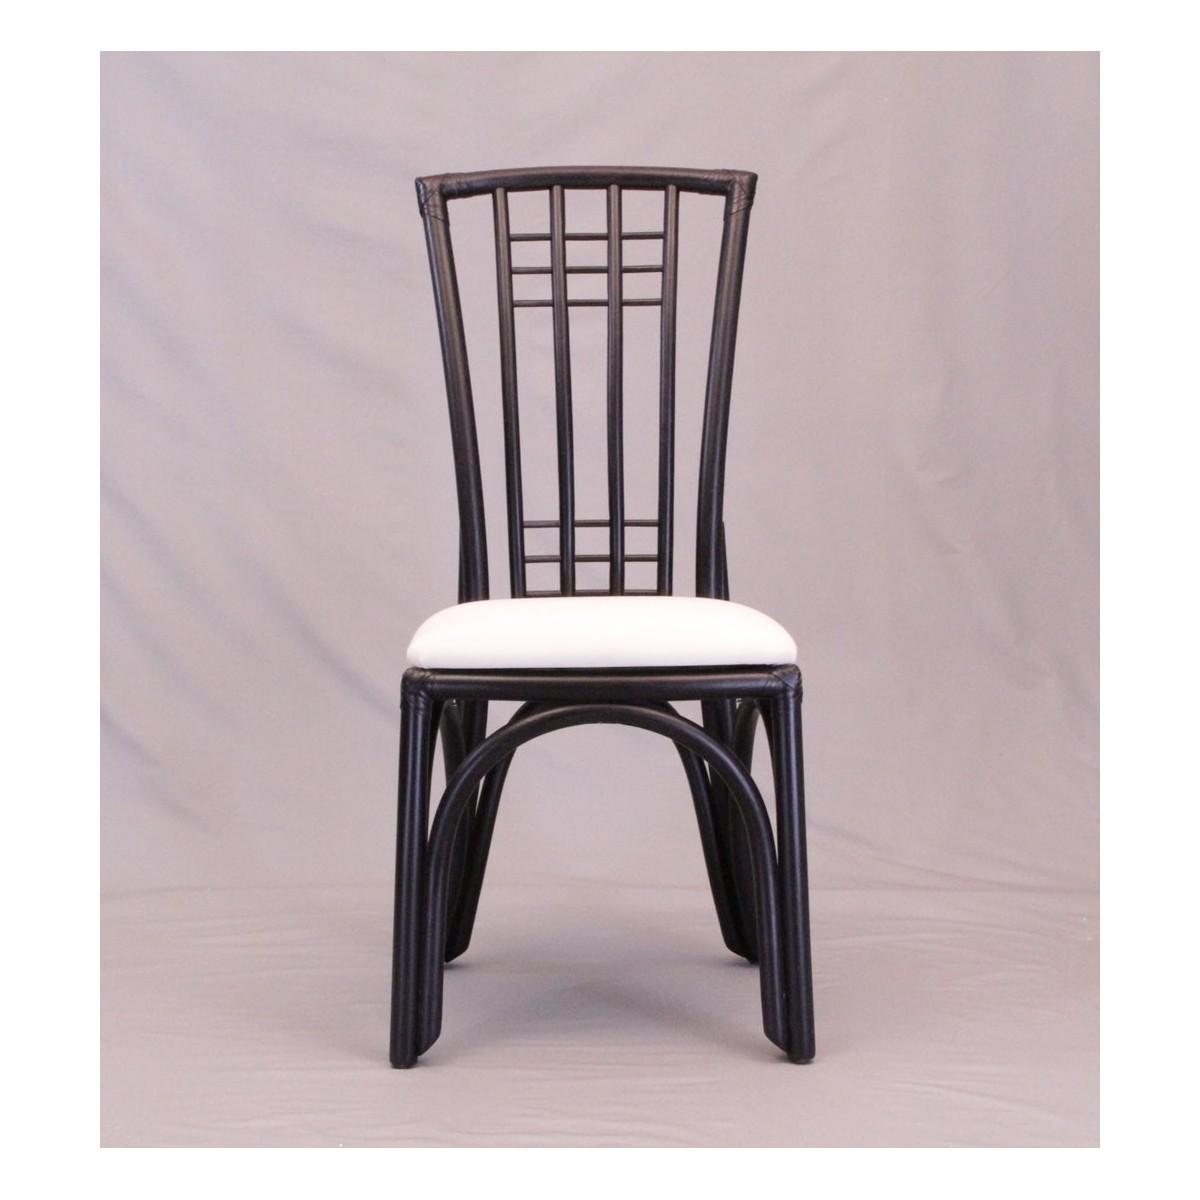 chaise en rotin coloris noir avec haut dossier. Black Bedroom Furniture Sets. Home Design Ideas